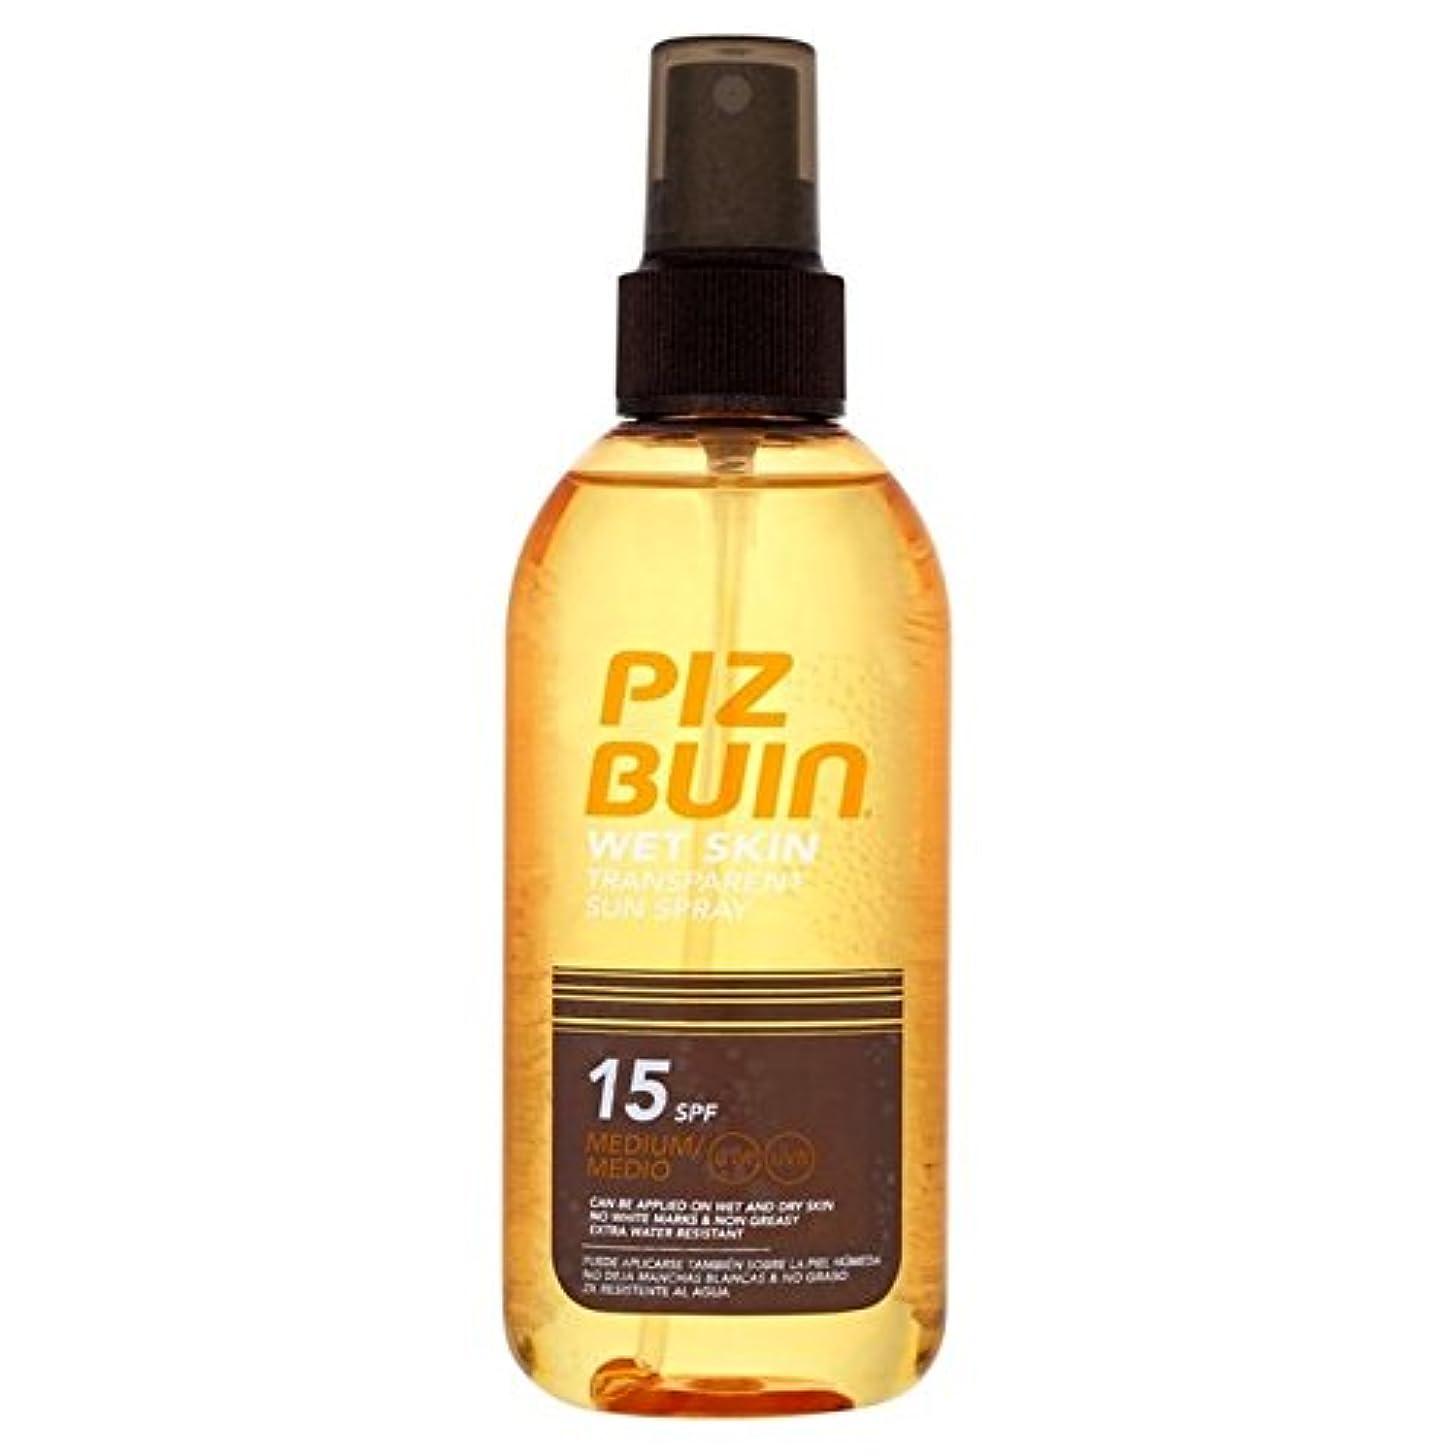 したいマリン残り物ピッツブーインの湿った透明肌15の150ミリリットル x4 - Piz Buin Wet Transparent Skin SPF15 150ml (Pack of 4) [並行輸入品]